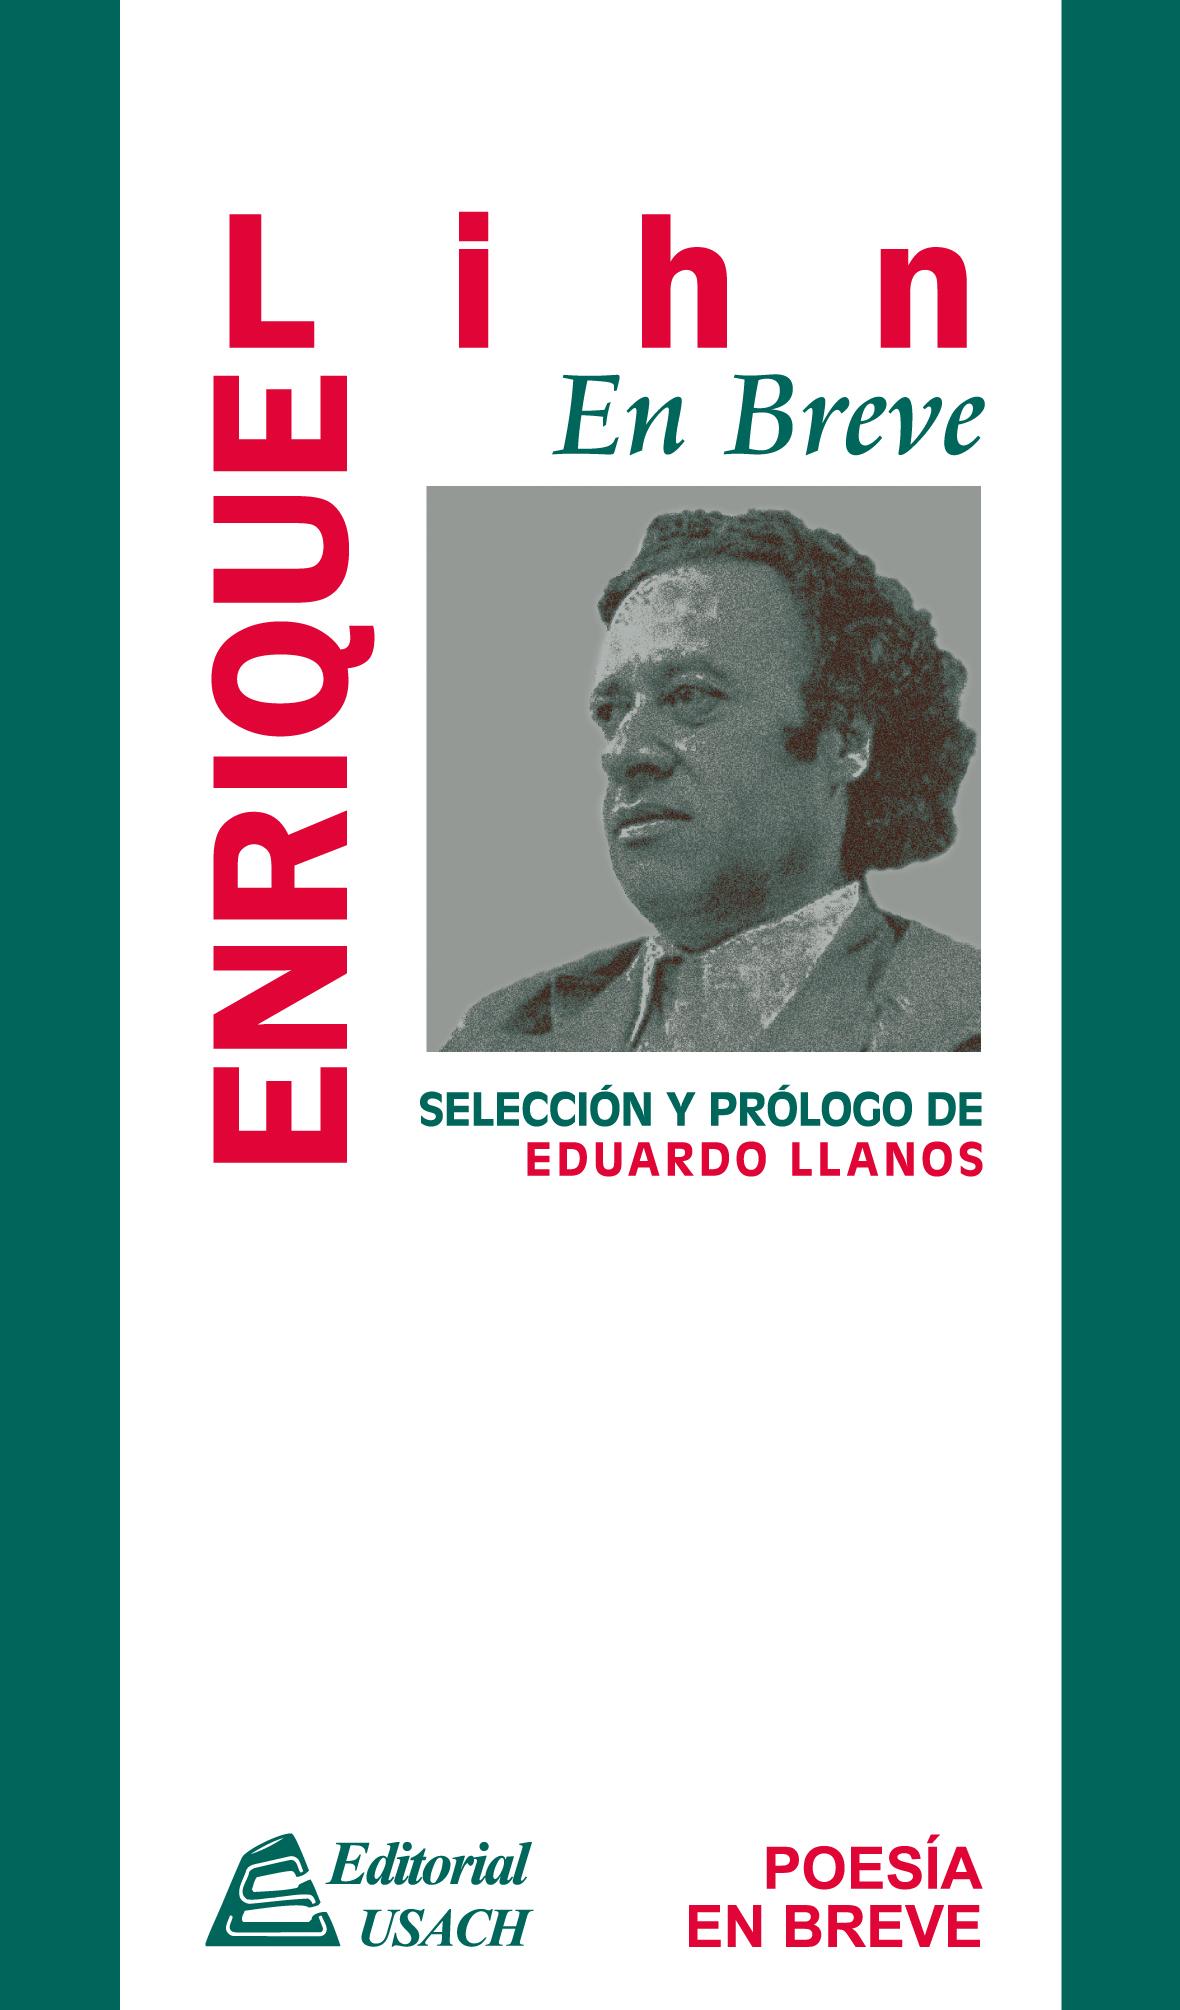 Enrique Lihn. Poesía en breve